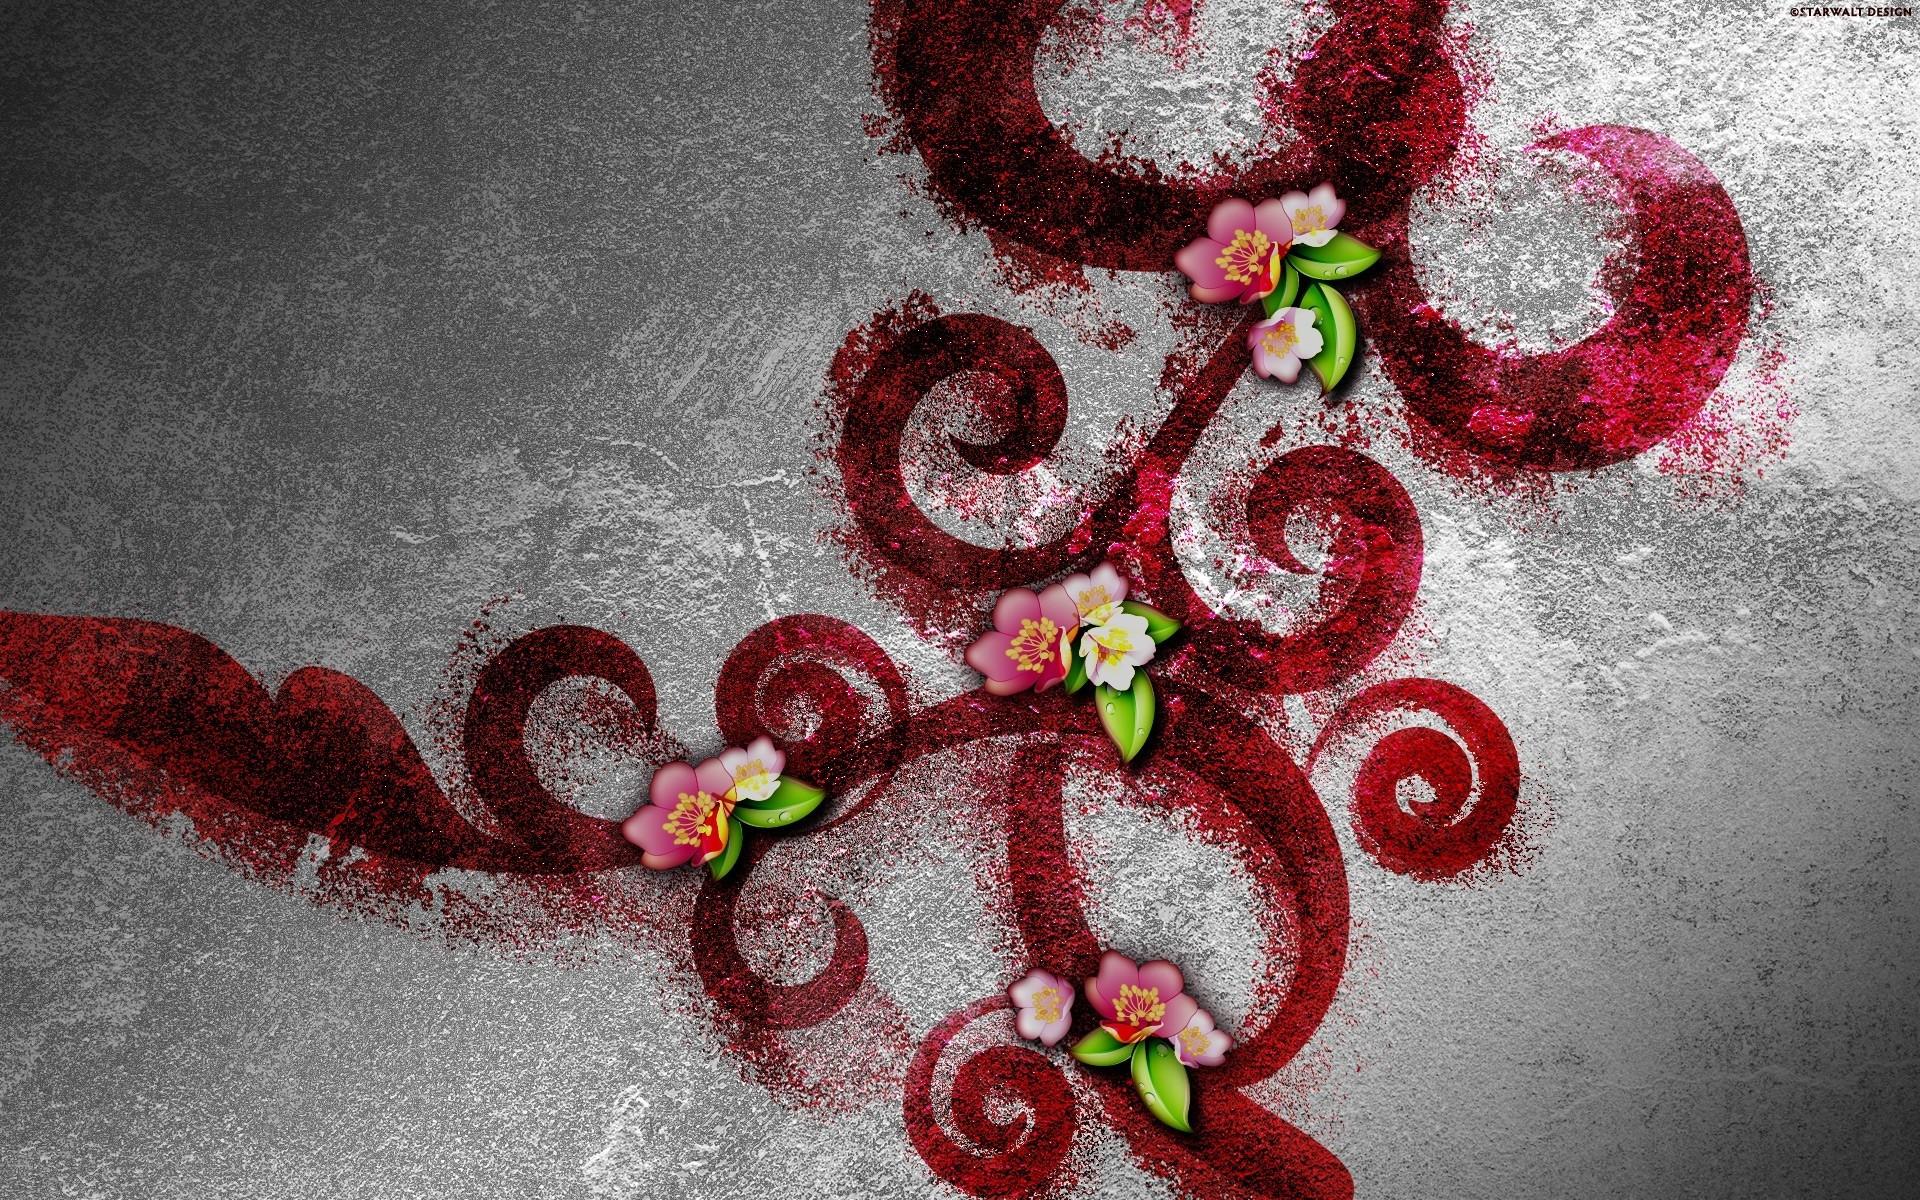 Wallpapers Flores Abstractas Para Tu Movil 6 HD Imagenes de Perros